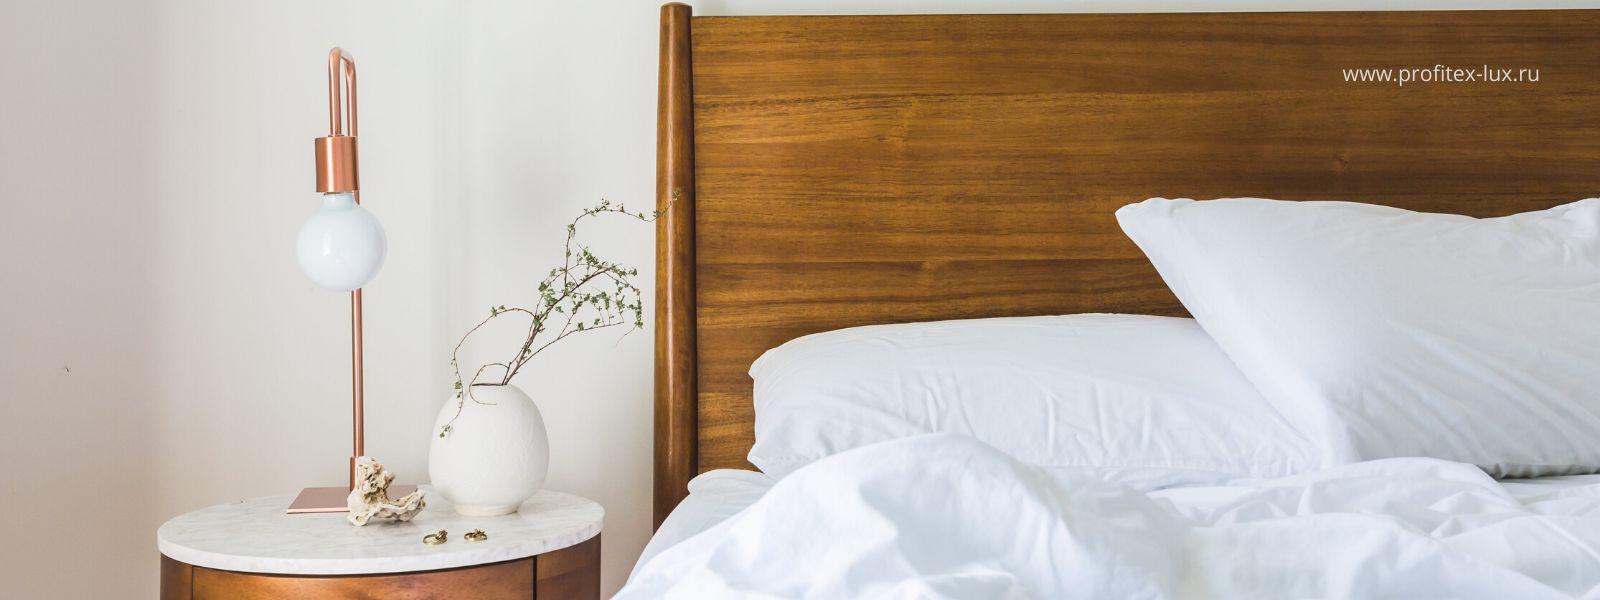 Постельное белье и текстиль для гостиниц